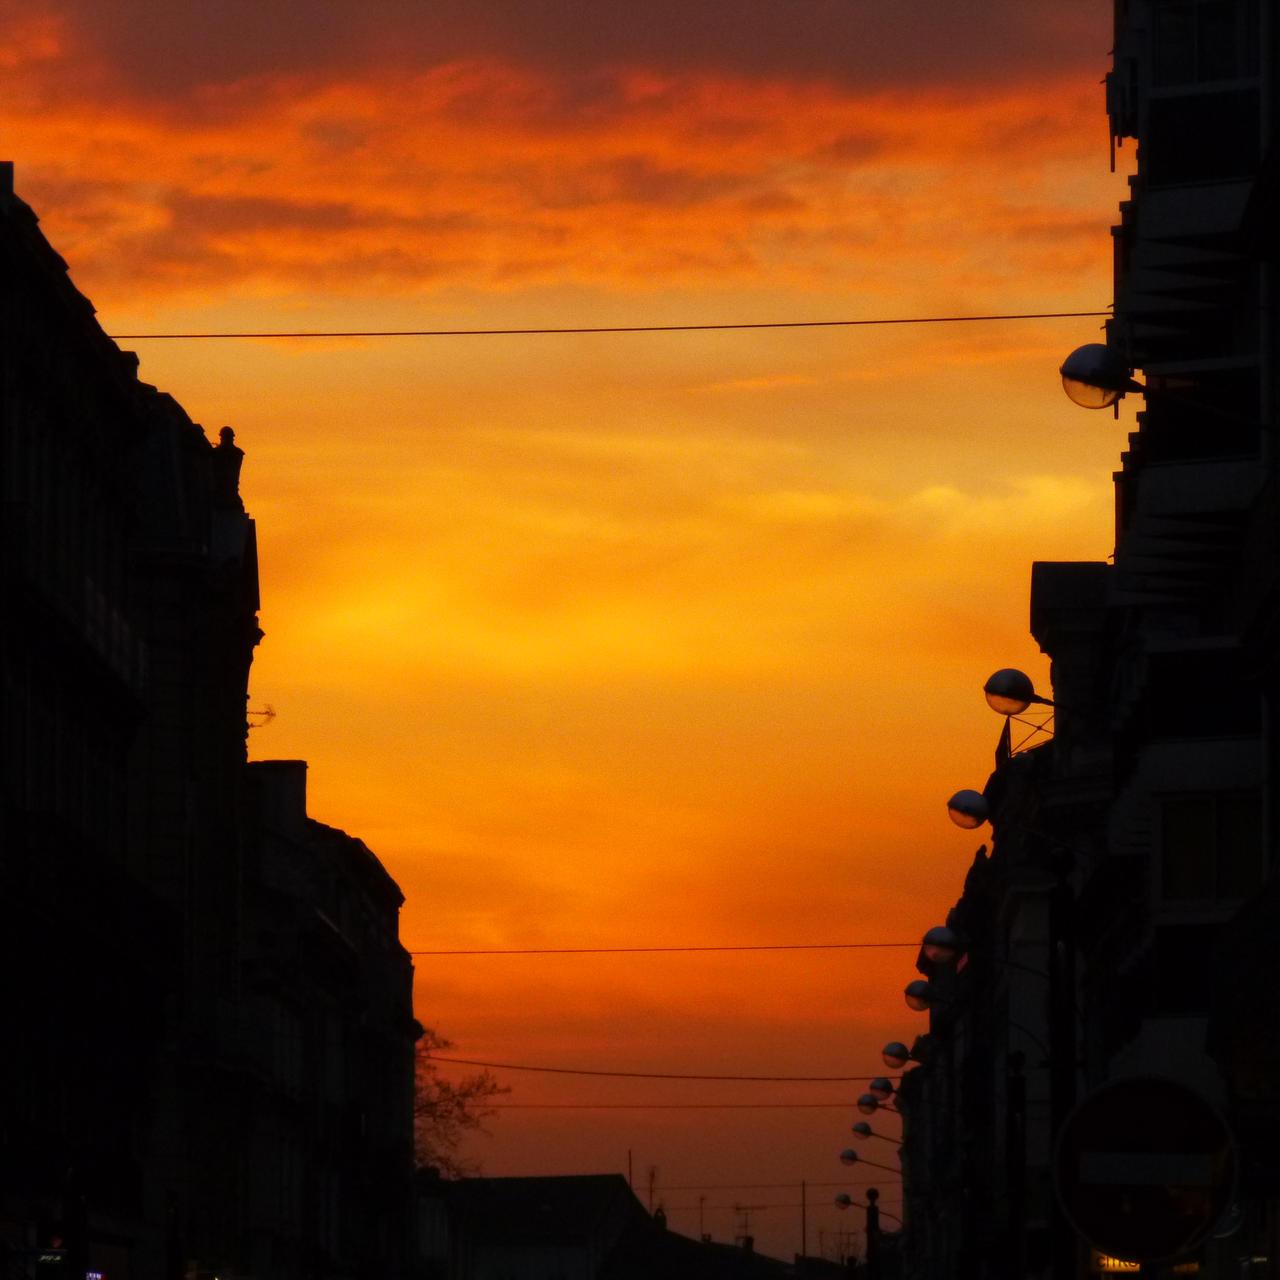 ciel orange sur un boulevard by nicolapin